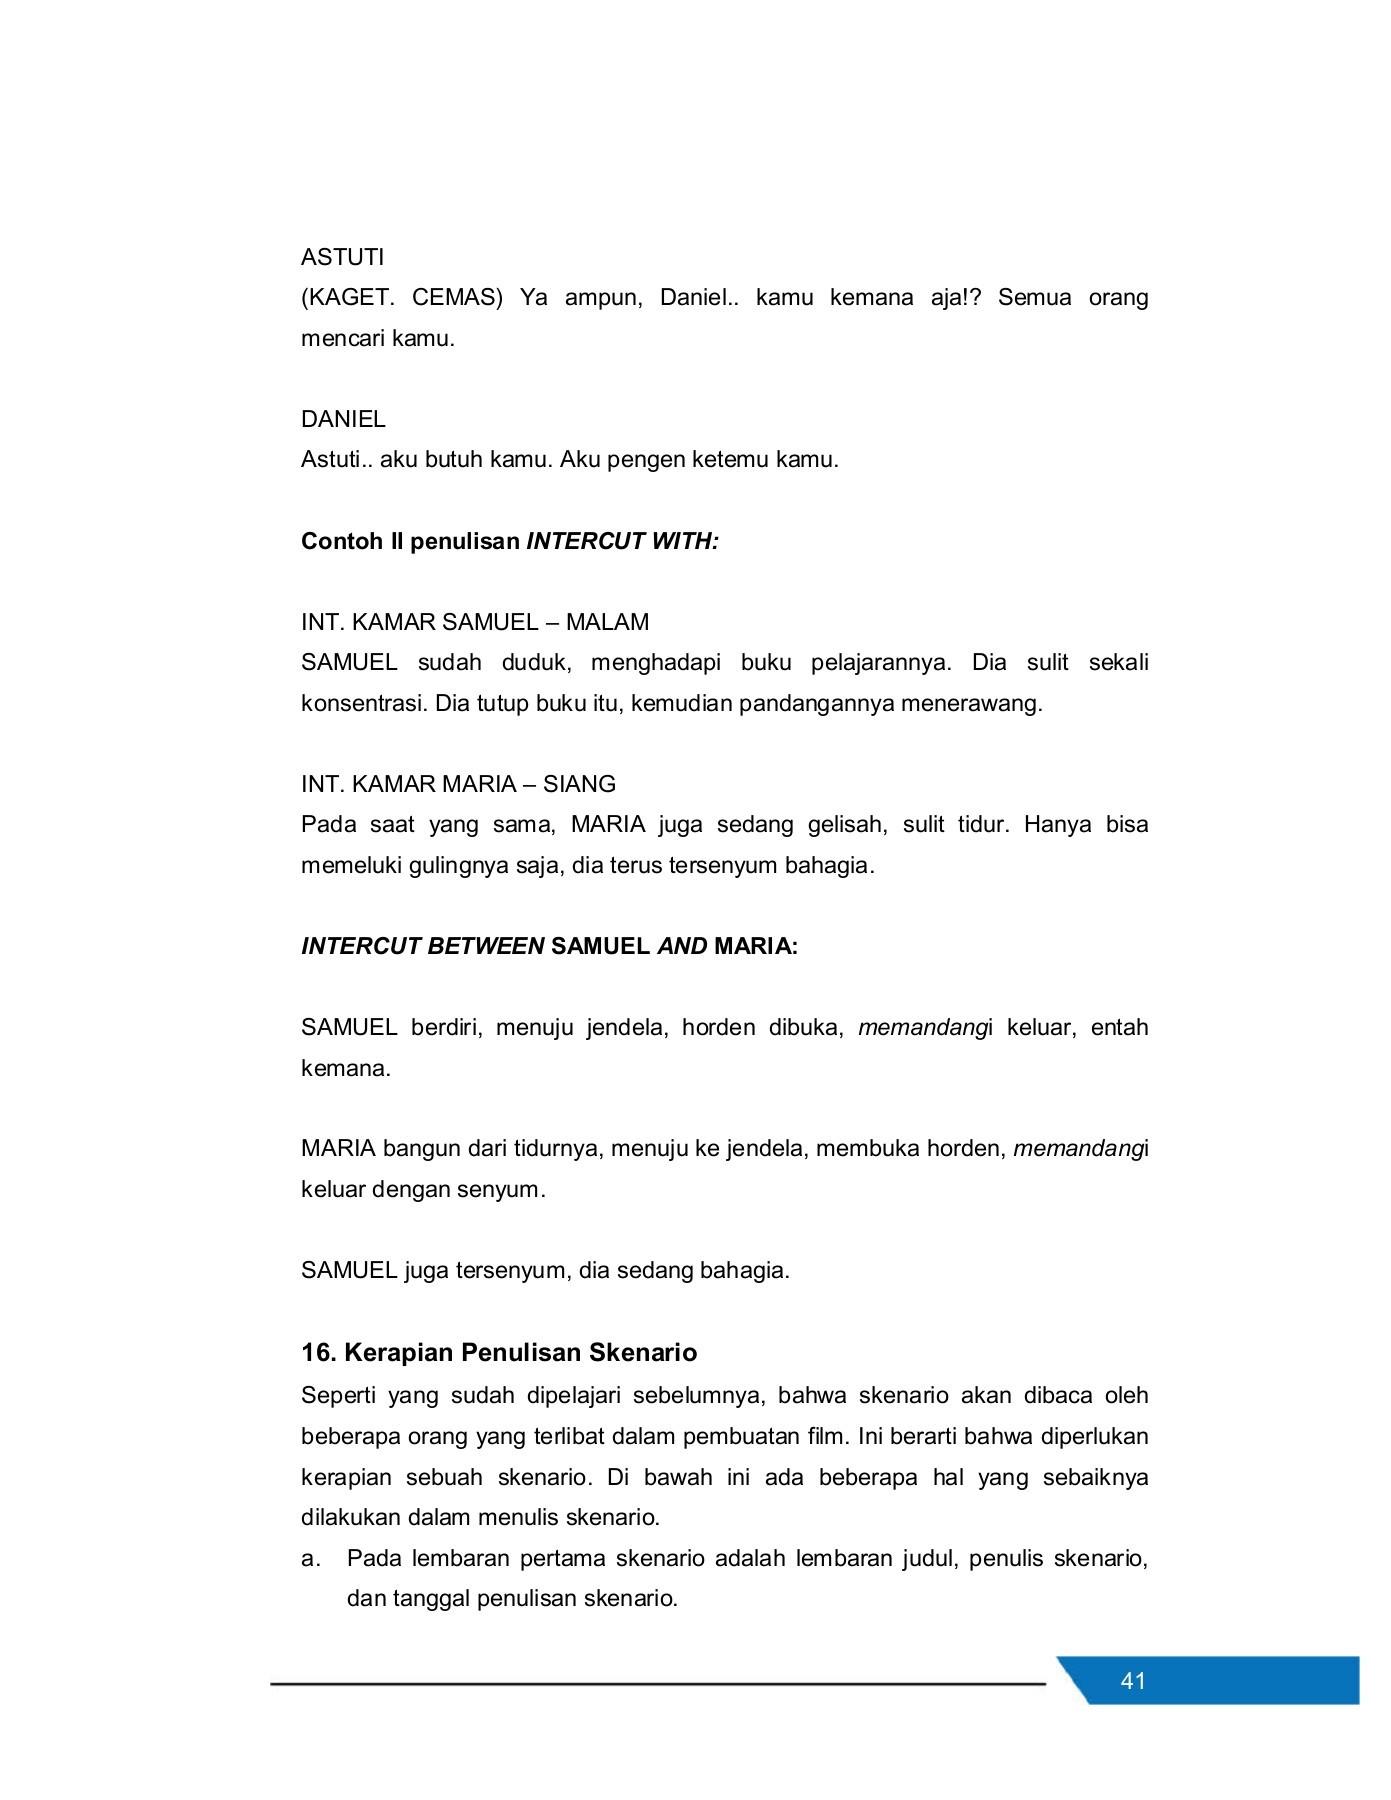 Modul 5 Mm Perancangan Film Pendek Flip Book Pages 51 82 Pubhtml5